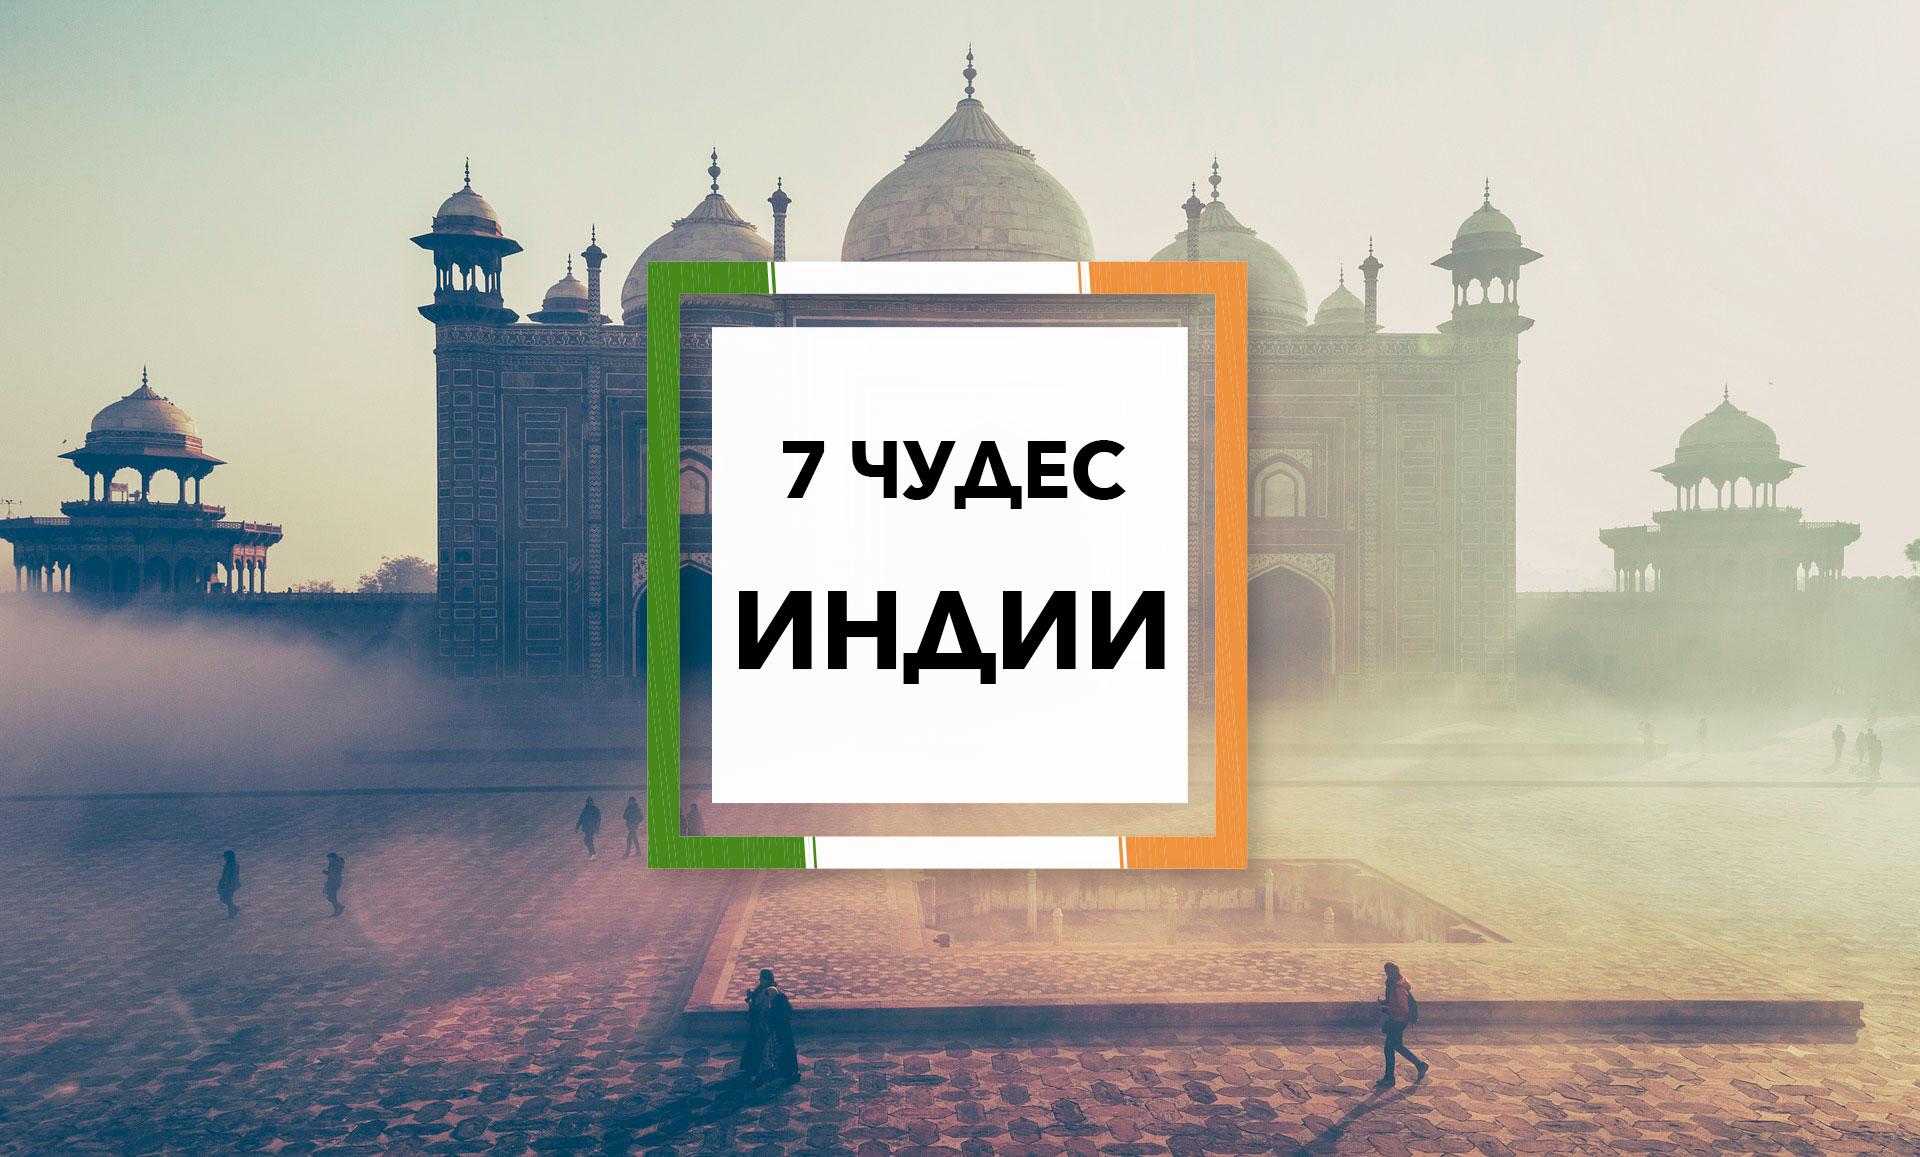 7 чудес Индии, которые стоит посетить в 2018 году